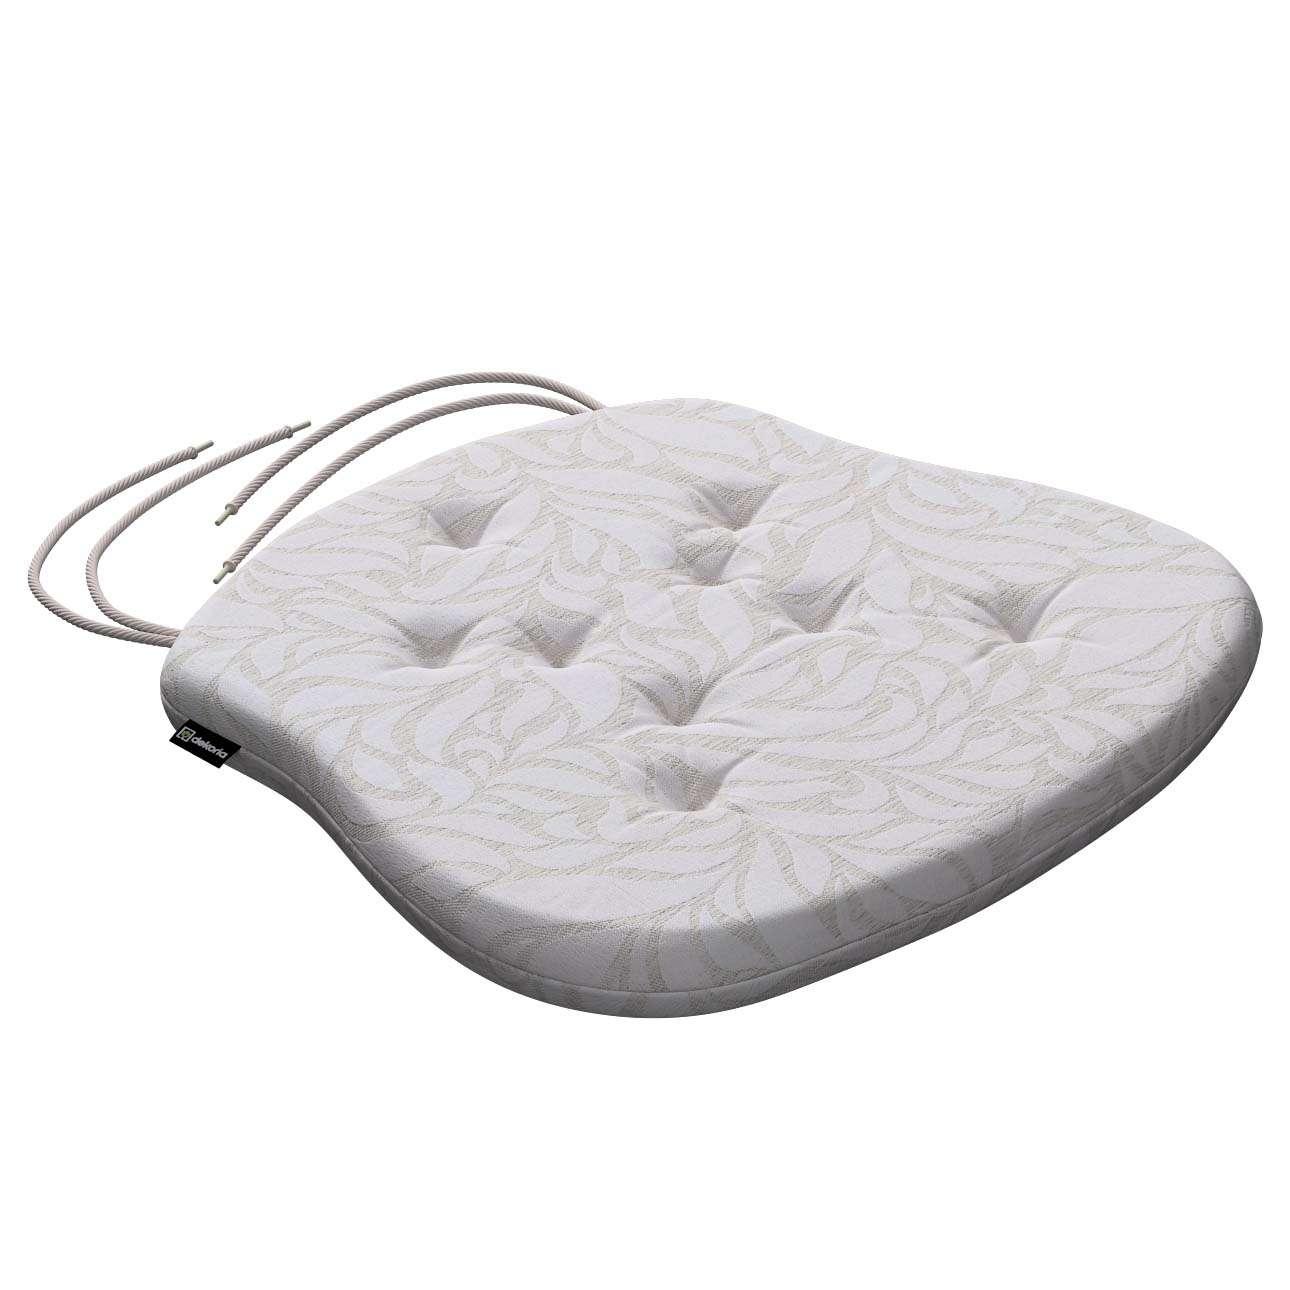 Siedzisko Filip na krzesło 41x38x3,5 cm w kolekcji Venice, tkanina: 140-50